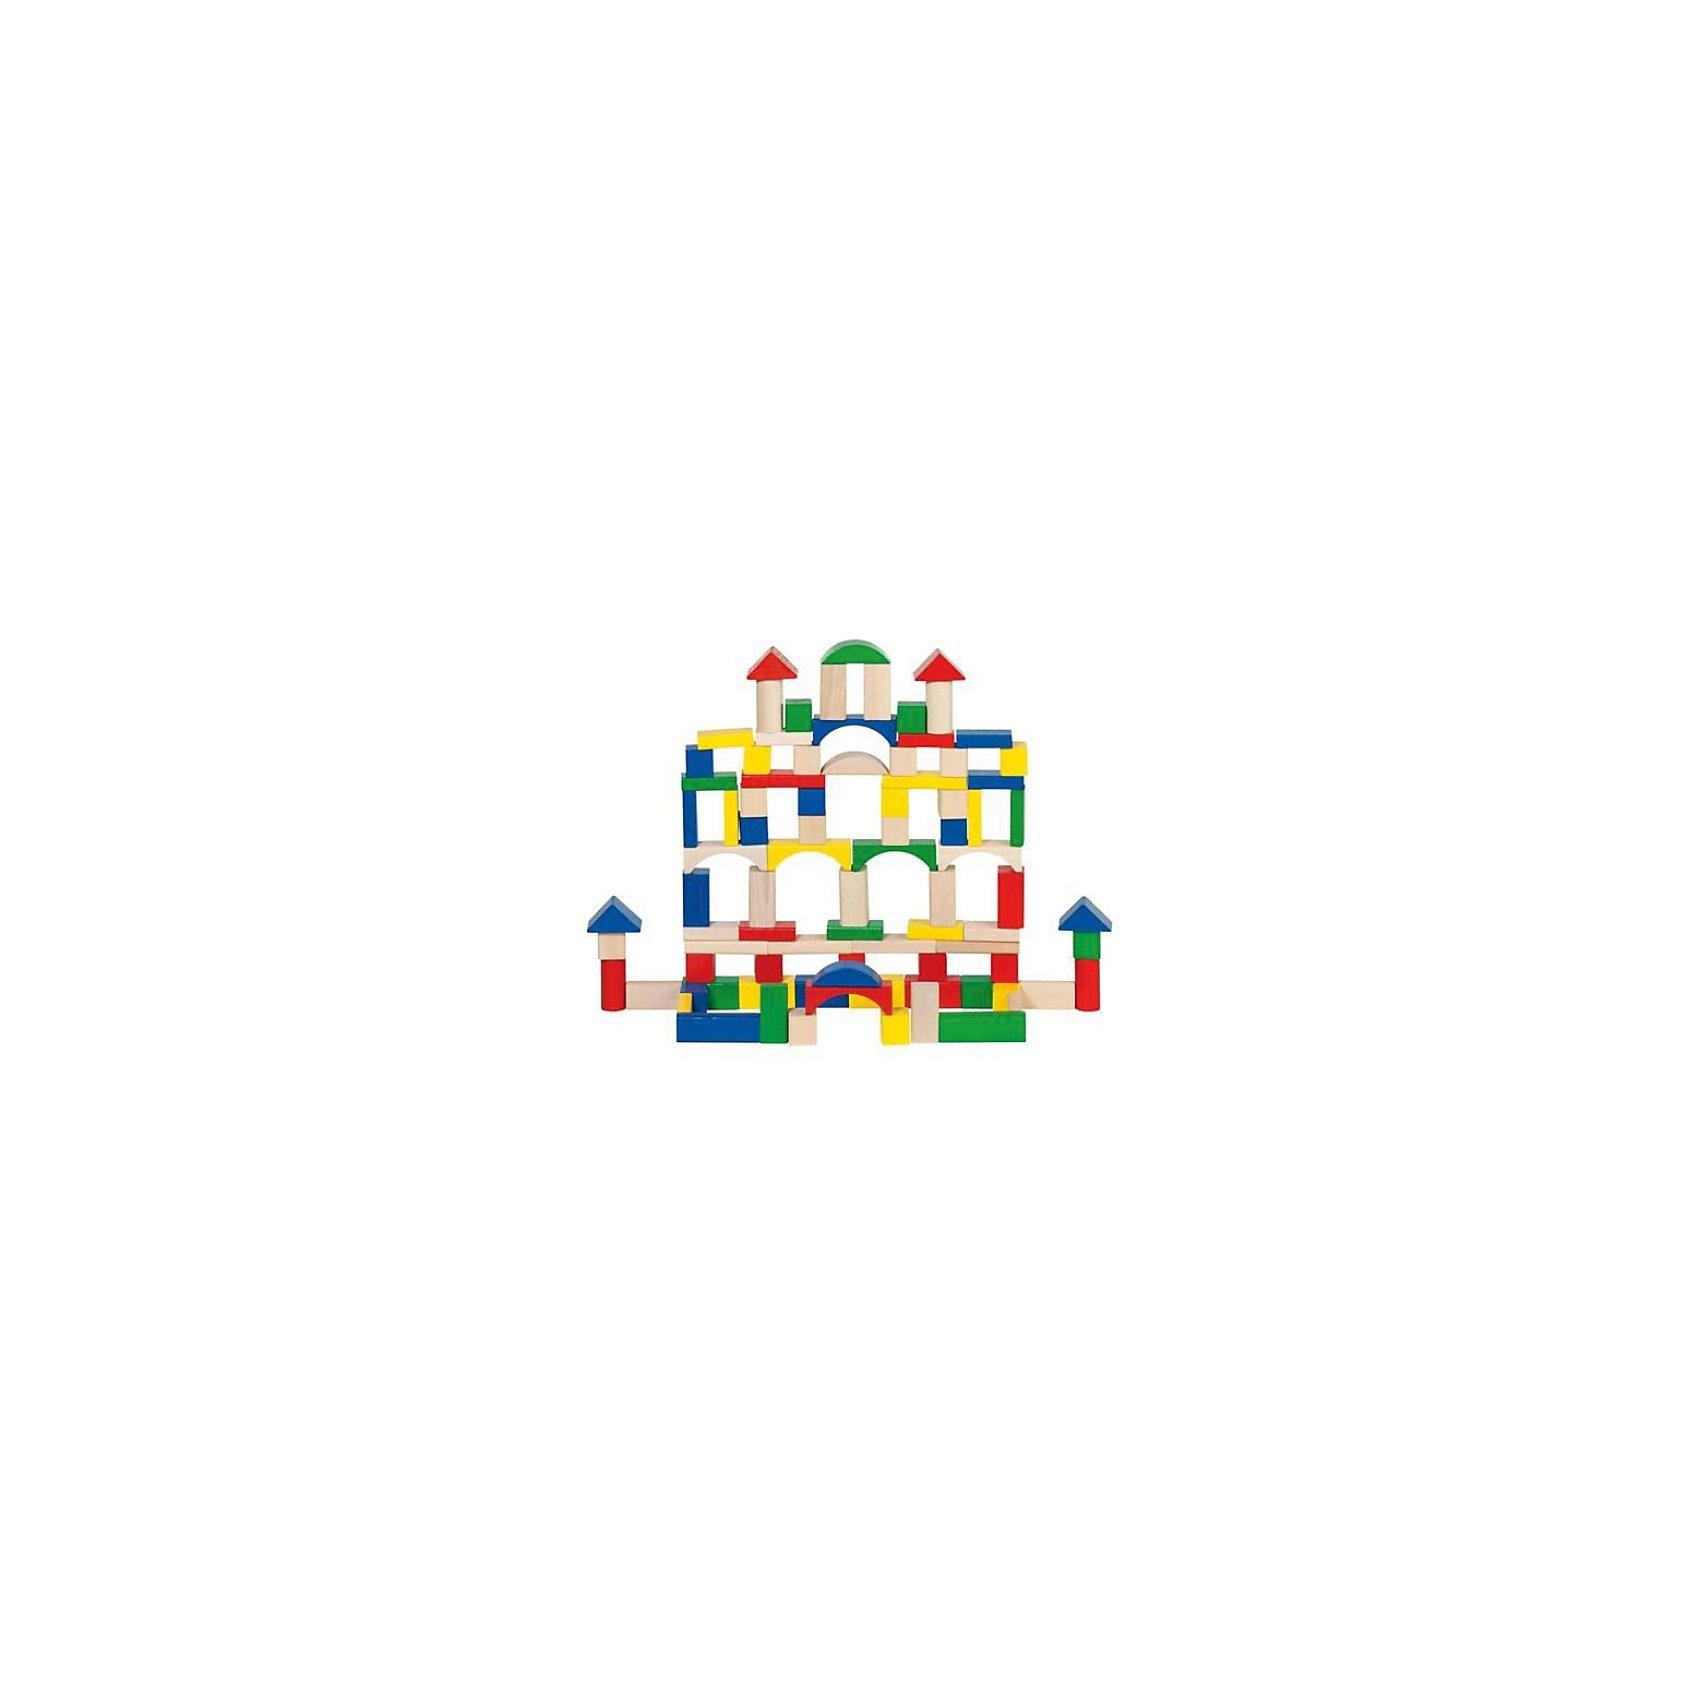 goki Игровой набор из деревянных строительных кубиков, GOKI elc деревянных кубиков